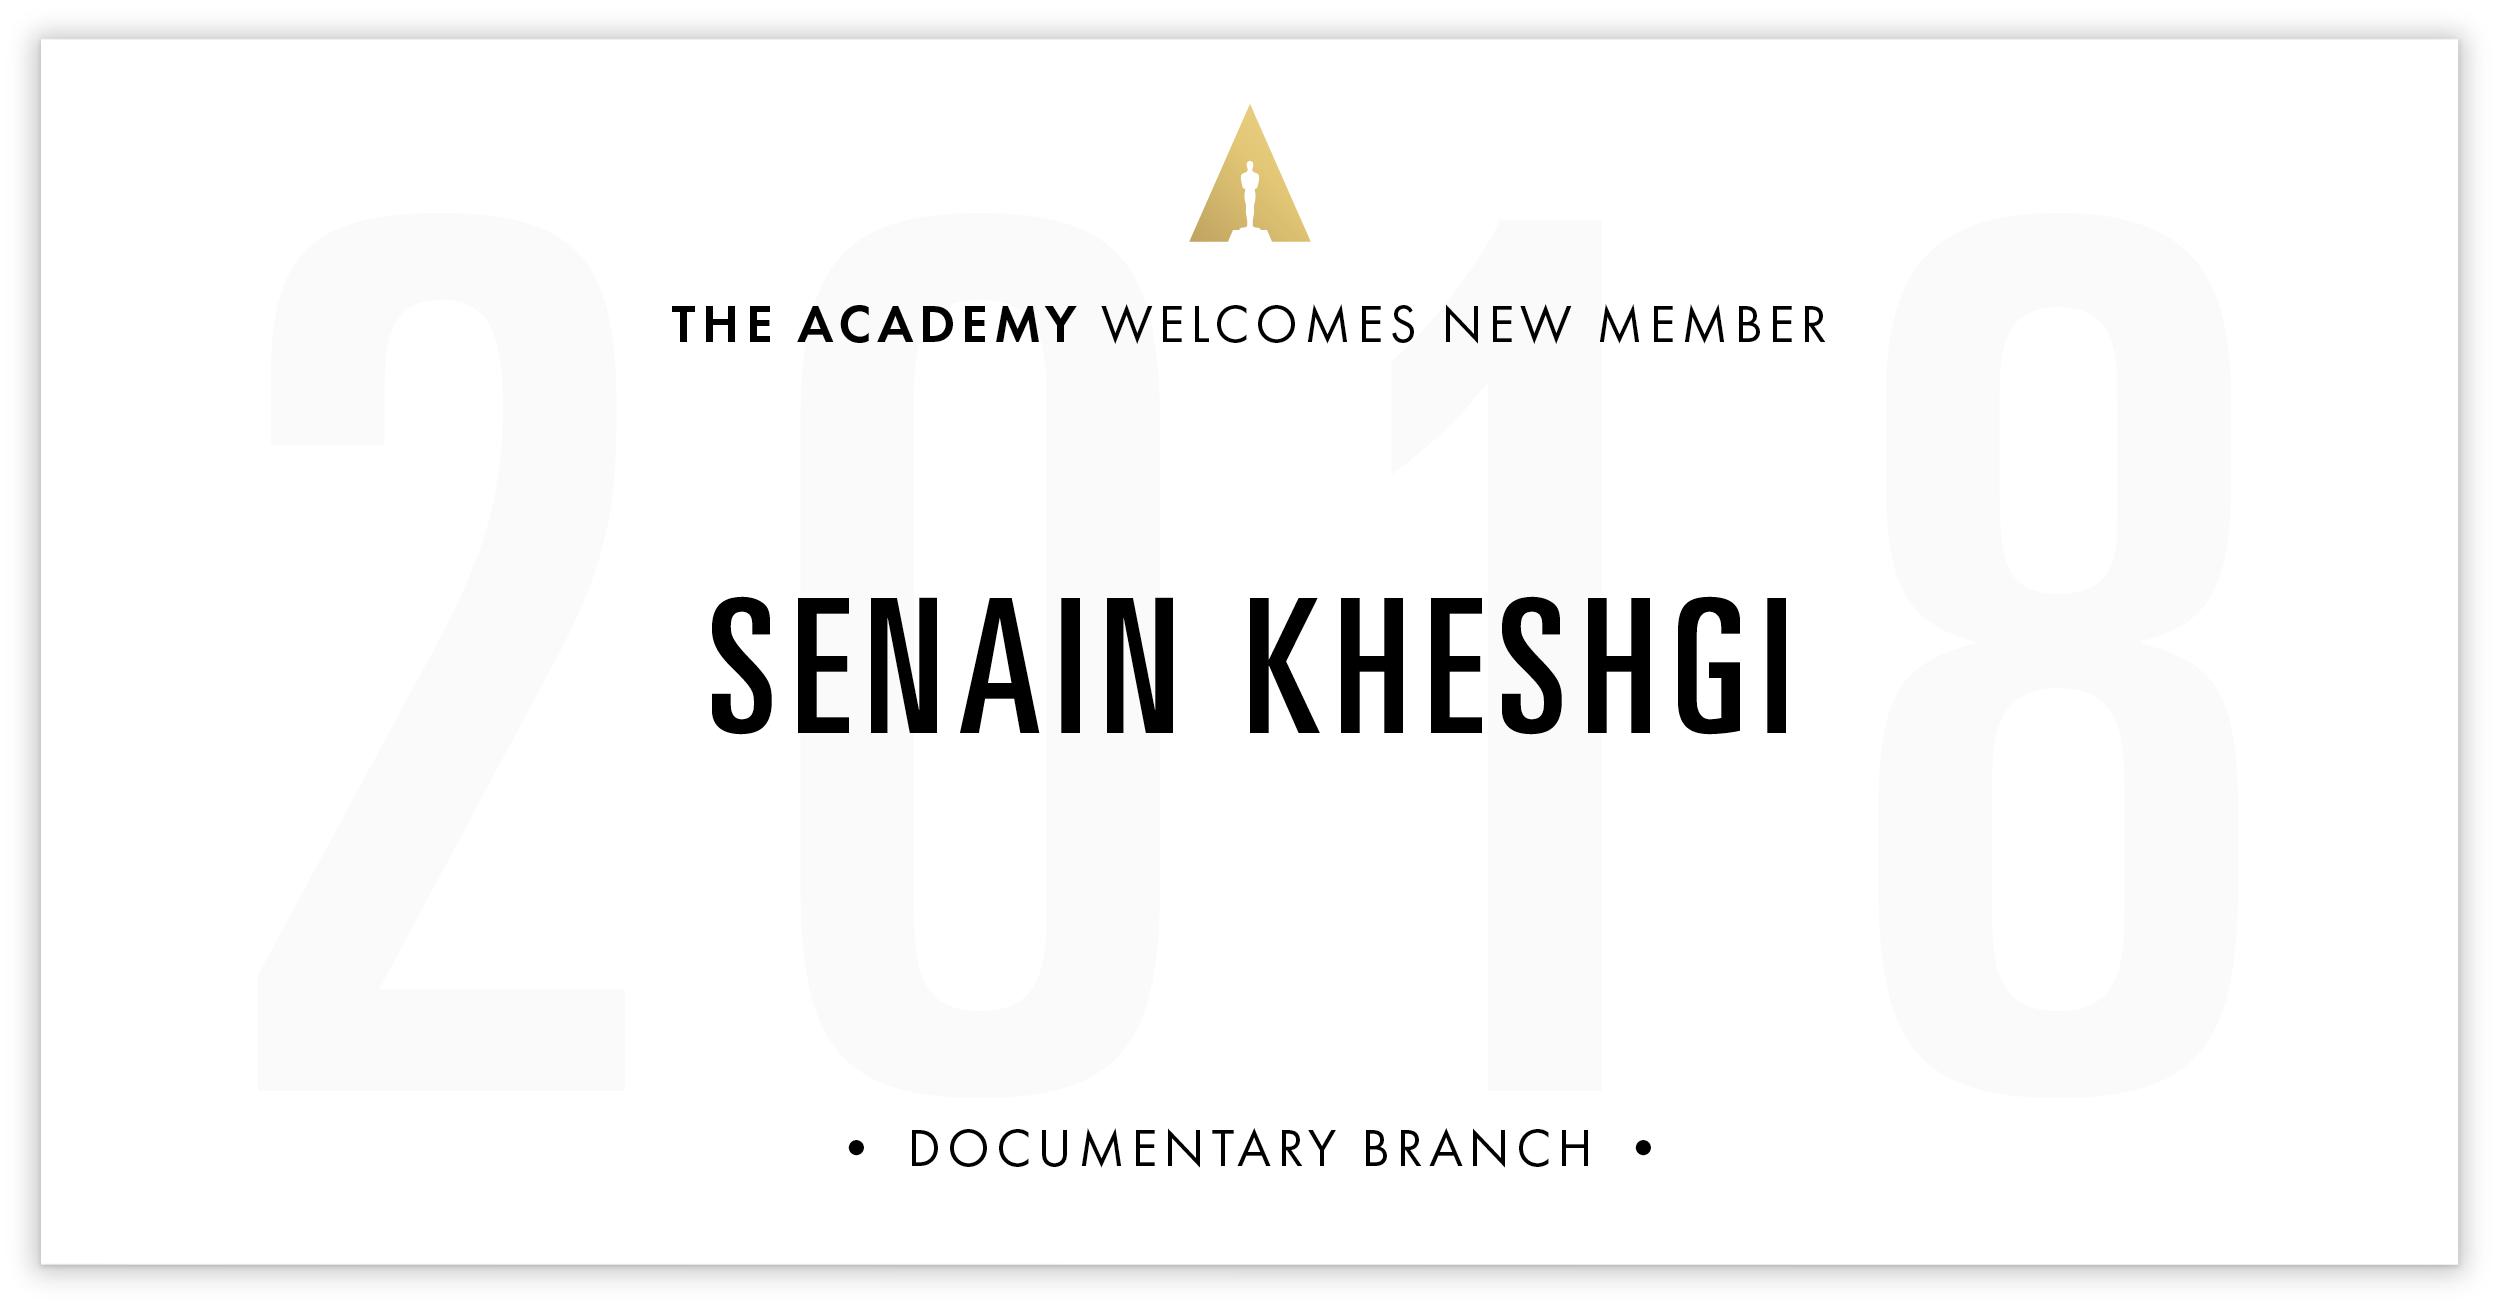 Senain Kheshgi is invited!